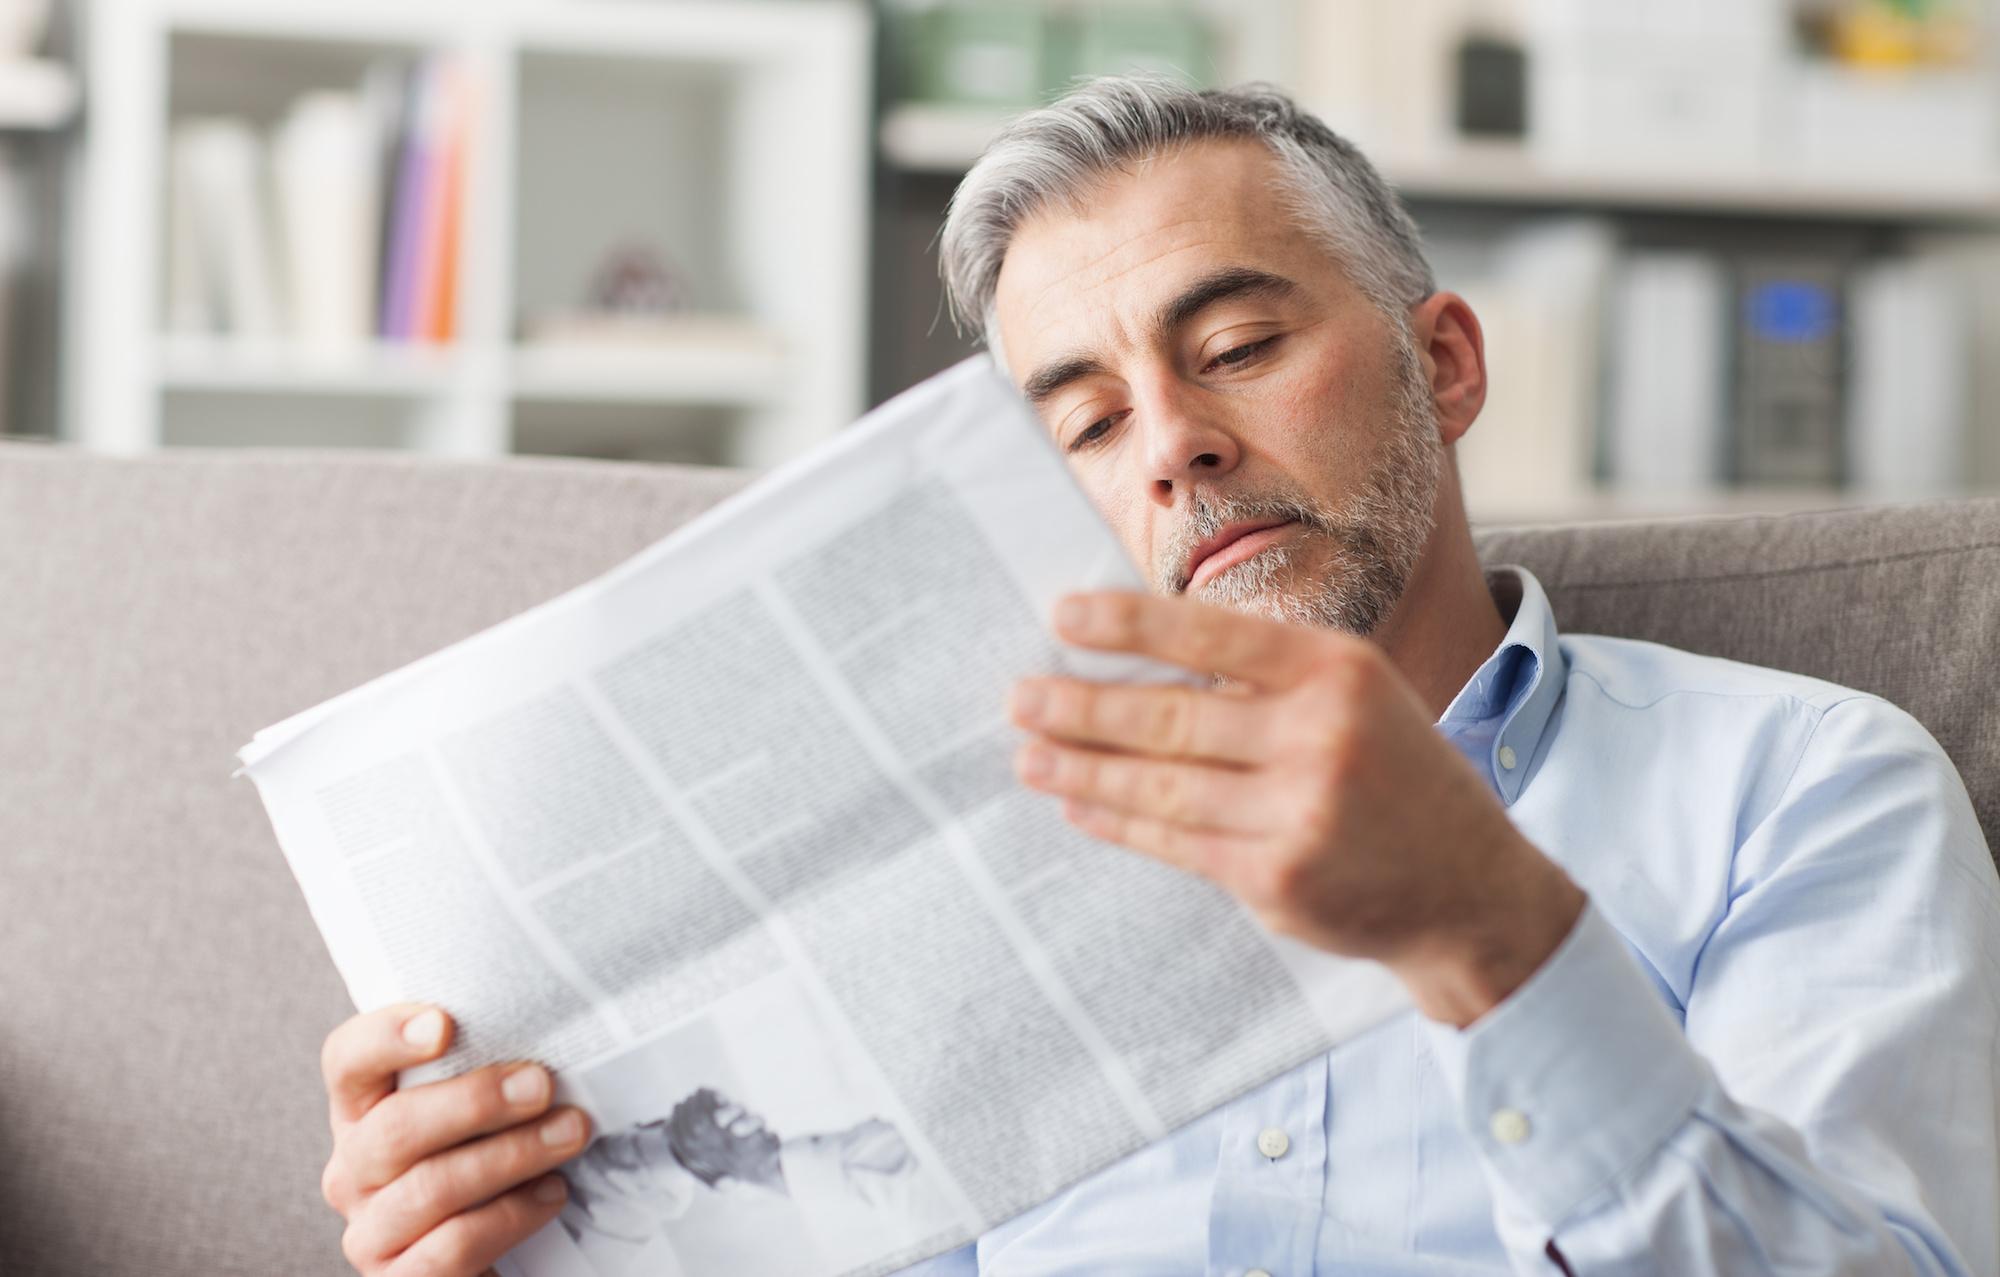 Maak je eigen pensioenkrant uitnodiging afscheidsfeest - Happiedays